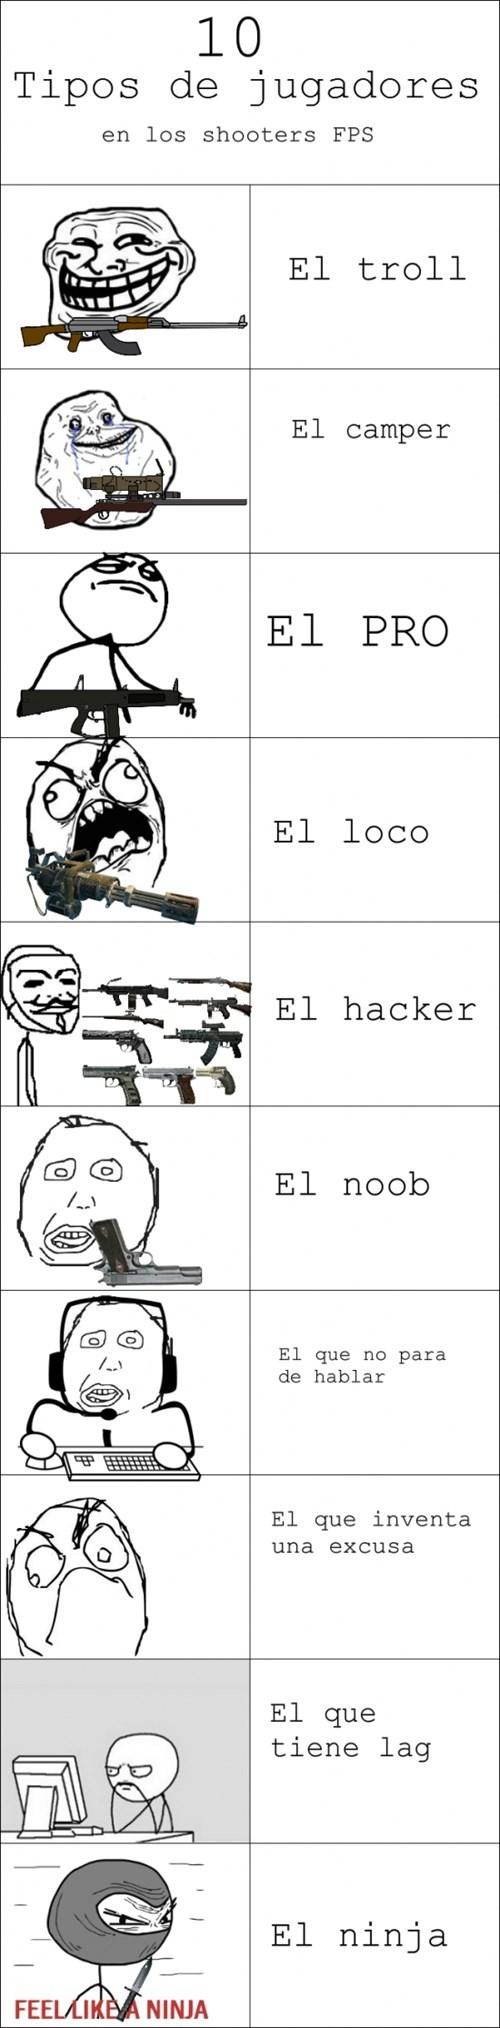 bromas videojuegos Memes - 8400339968